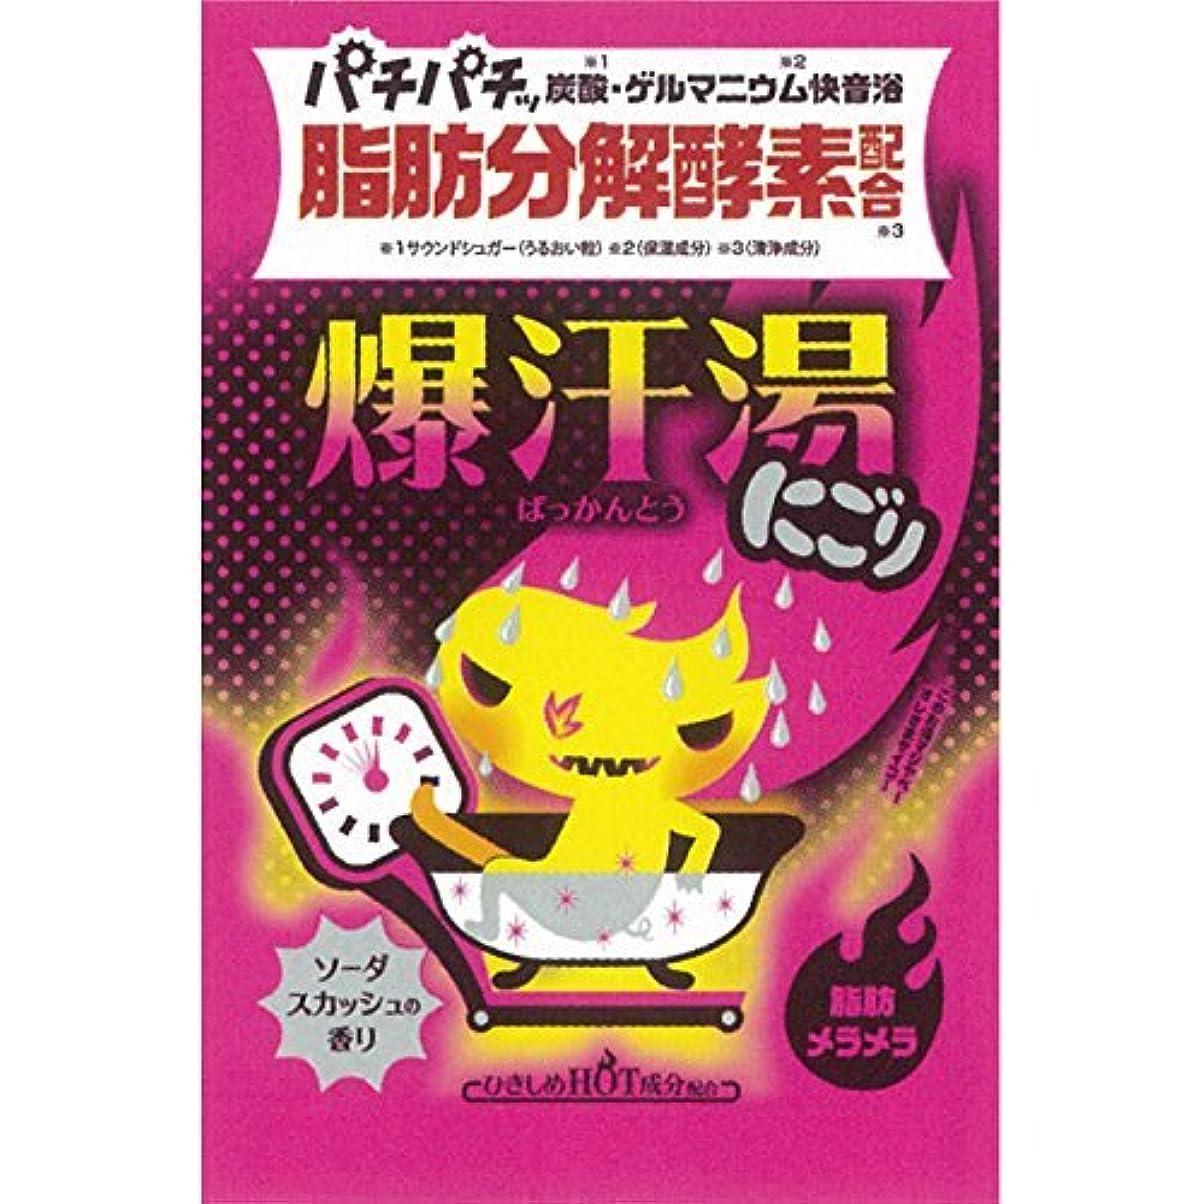 寝るベスト版爆汗湯 ゲルマニウム快音浴 にごり ソーダスカッシュの香り(入浴剤)